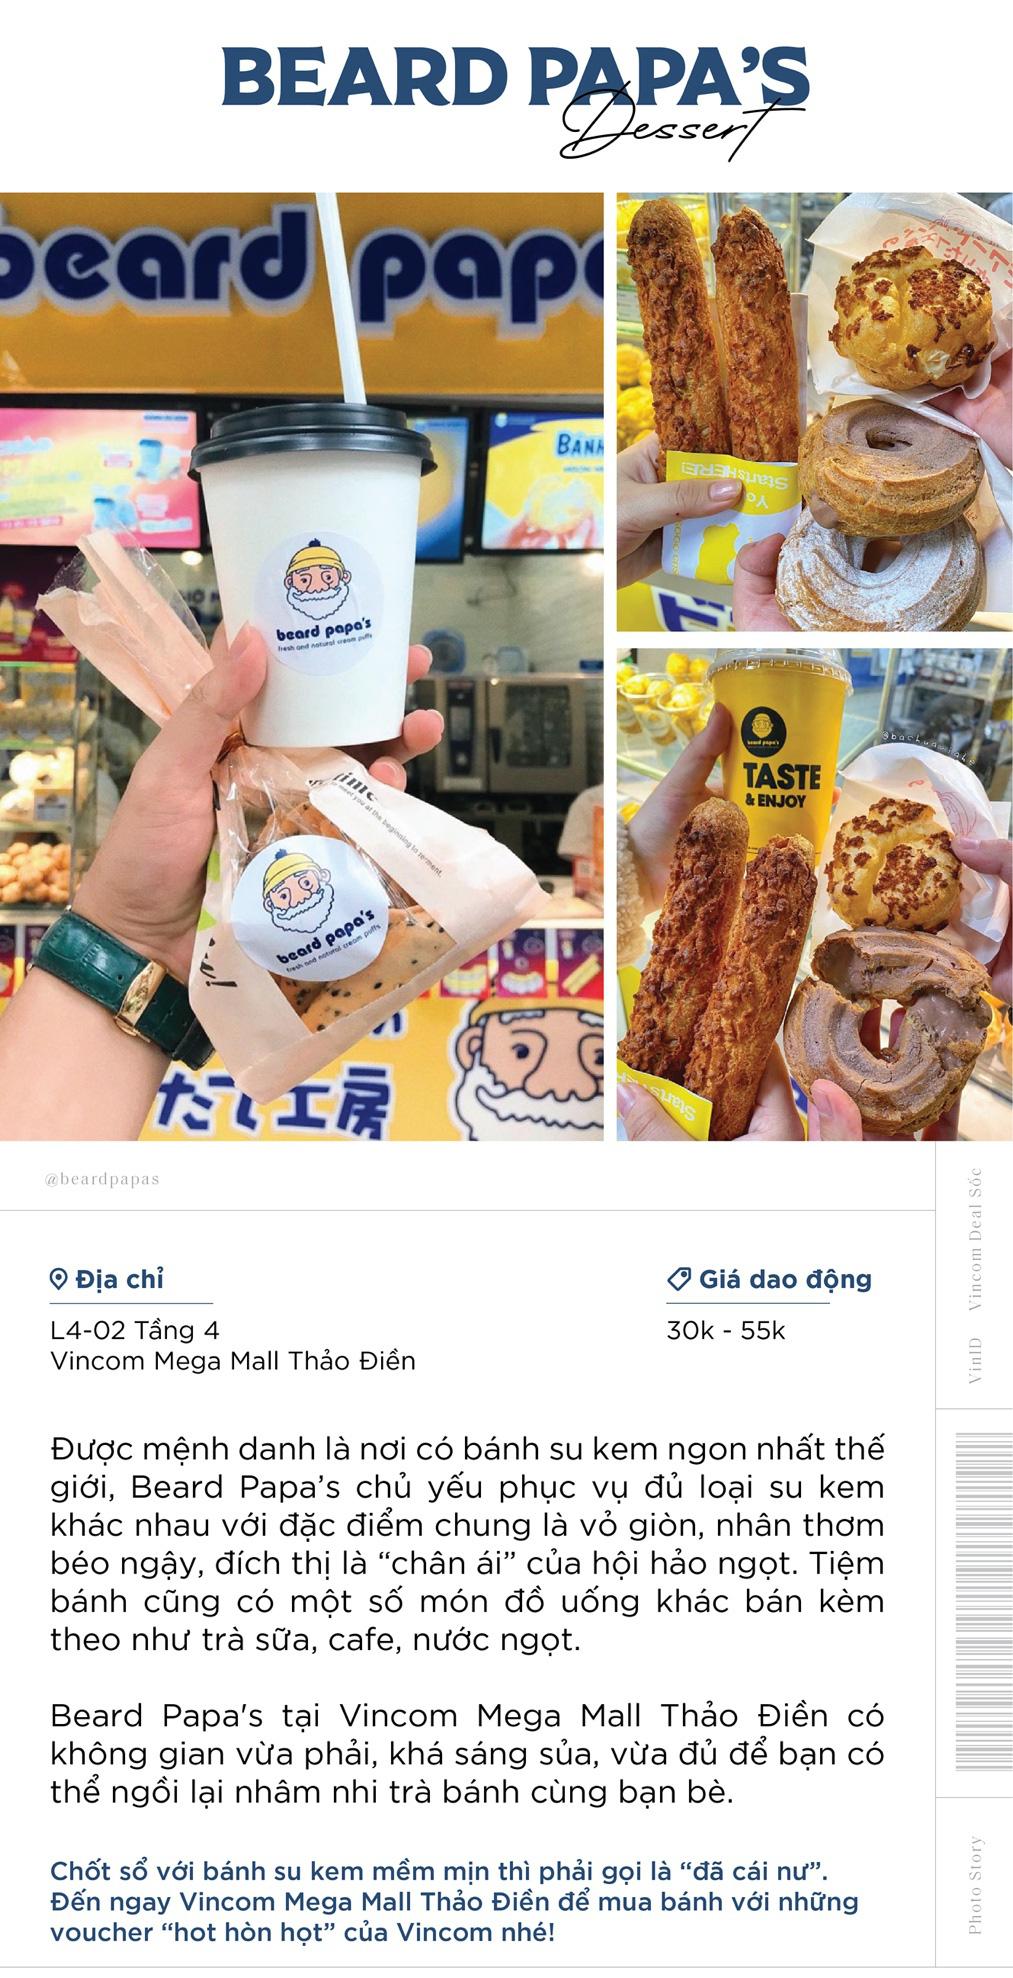 Sài Gòn nóng quá: Ghim ngay 5 địa điểm cho team hảo ngọt ăn bánh uống trà với giá cực hạ nhiệt trong dịp nghỉ lễ - Ảnh 5.